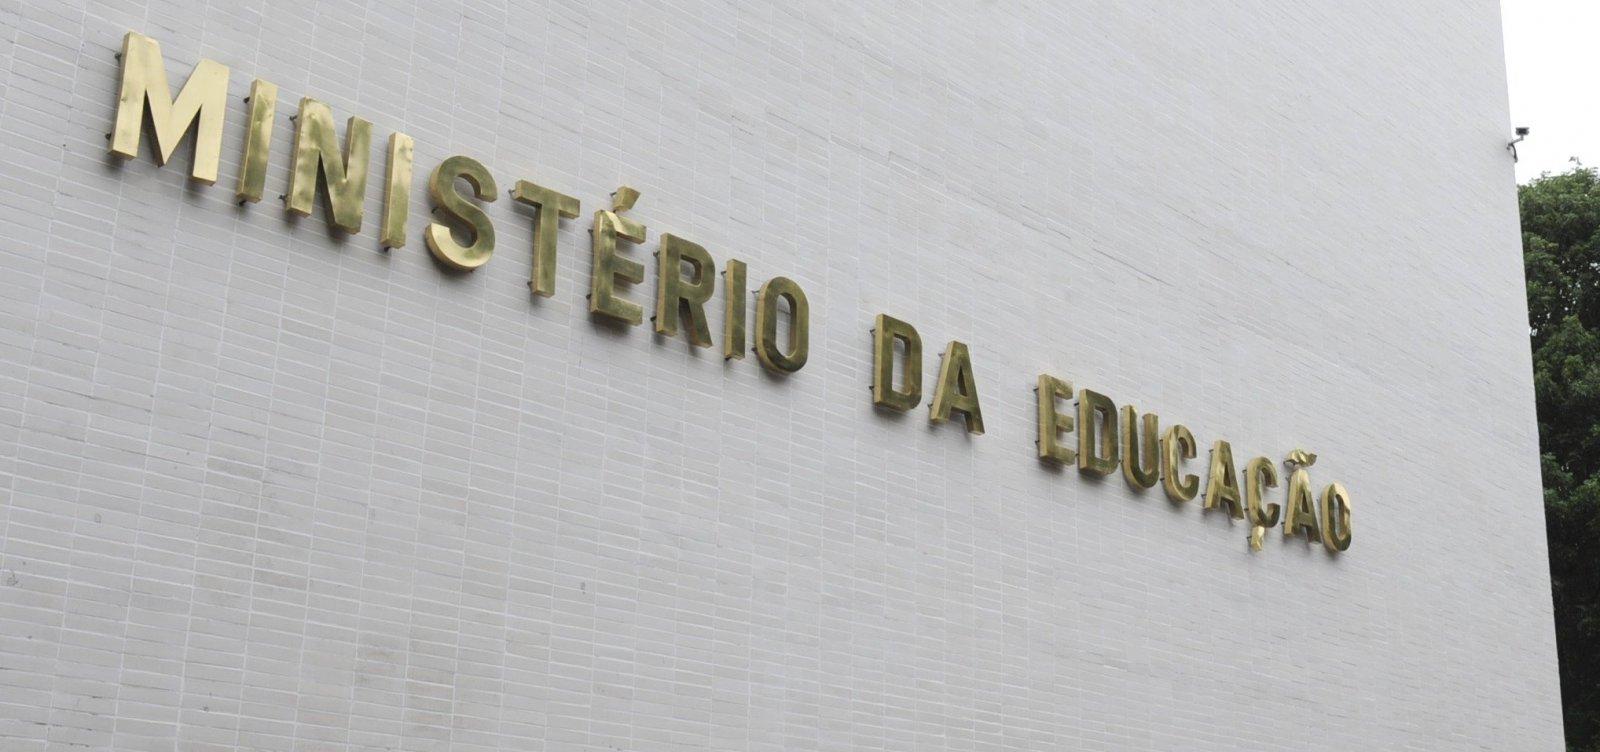 [Após repercussão, governo Bolsonaro recua e anula mudança em edital de compra de livros]